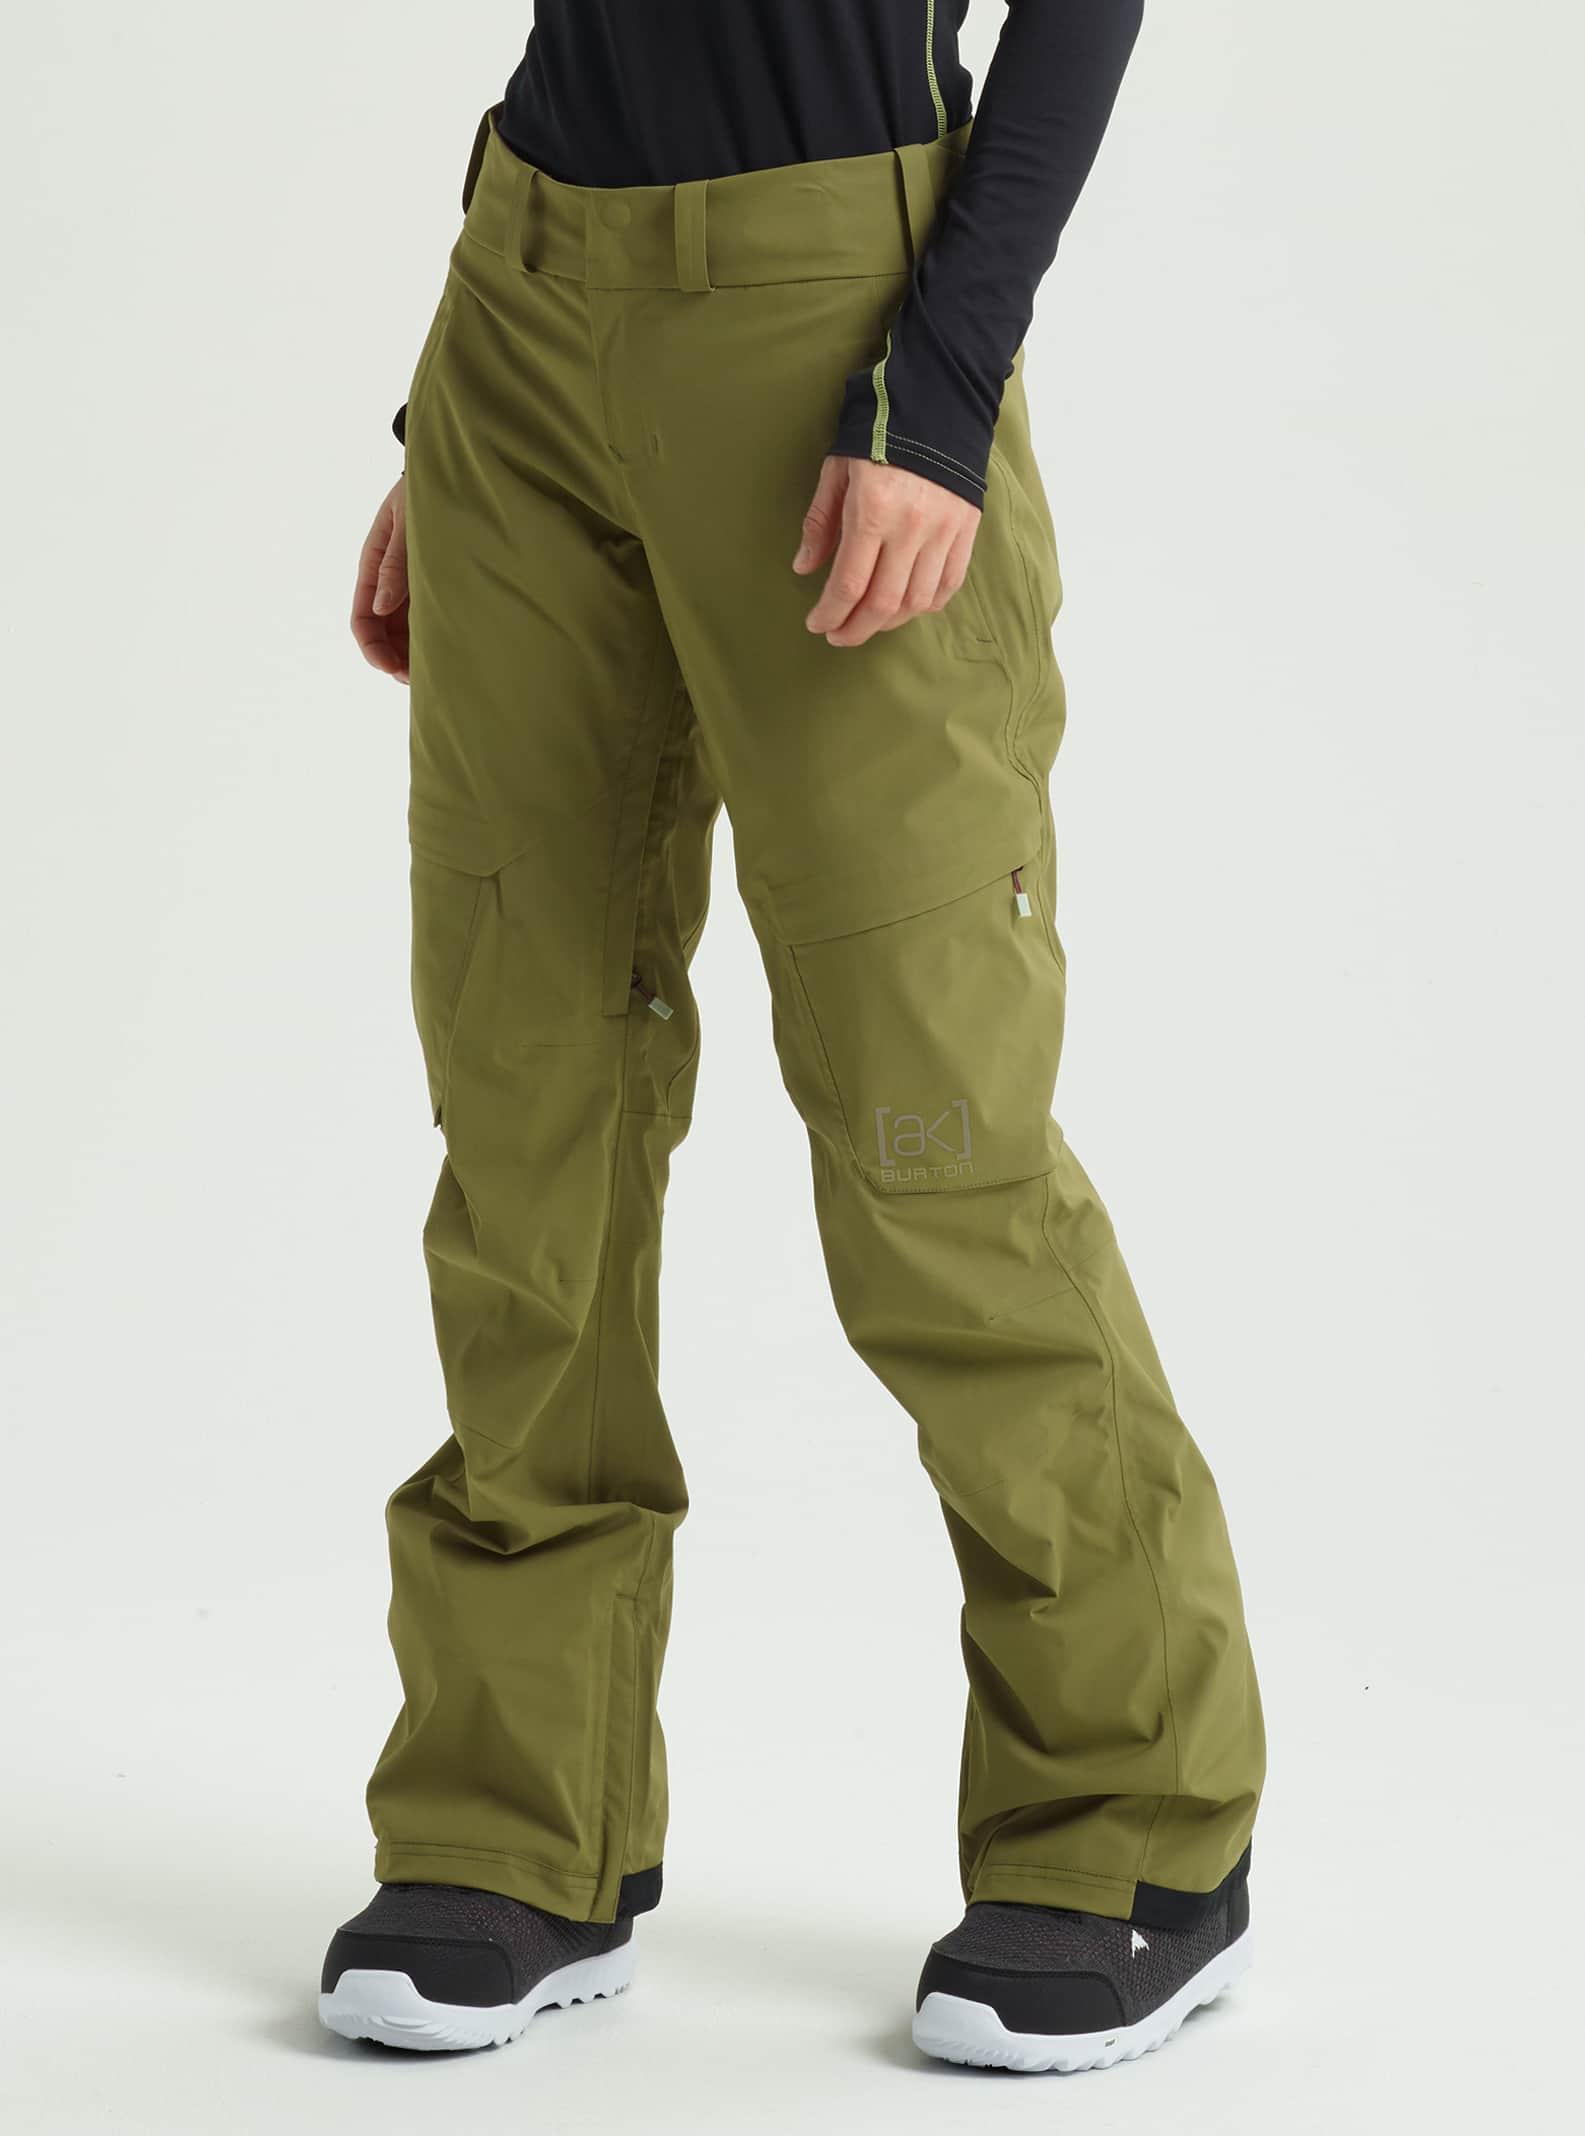 Mode das billigste neues Konzept Women's Snowboard Pants & Bibs   Burton Snowboards US